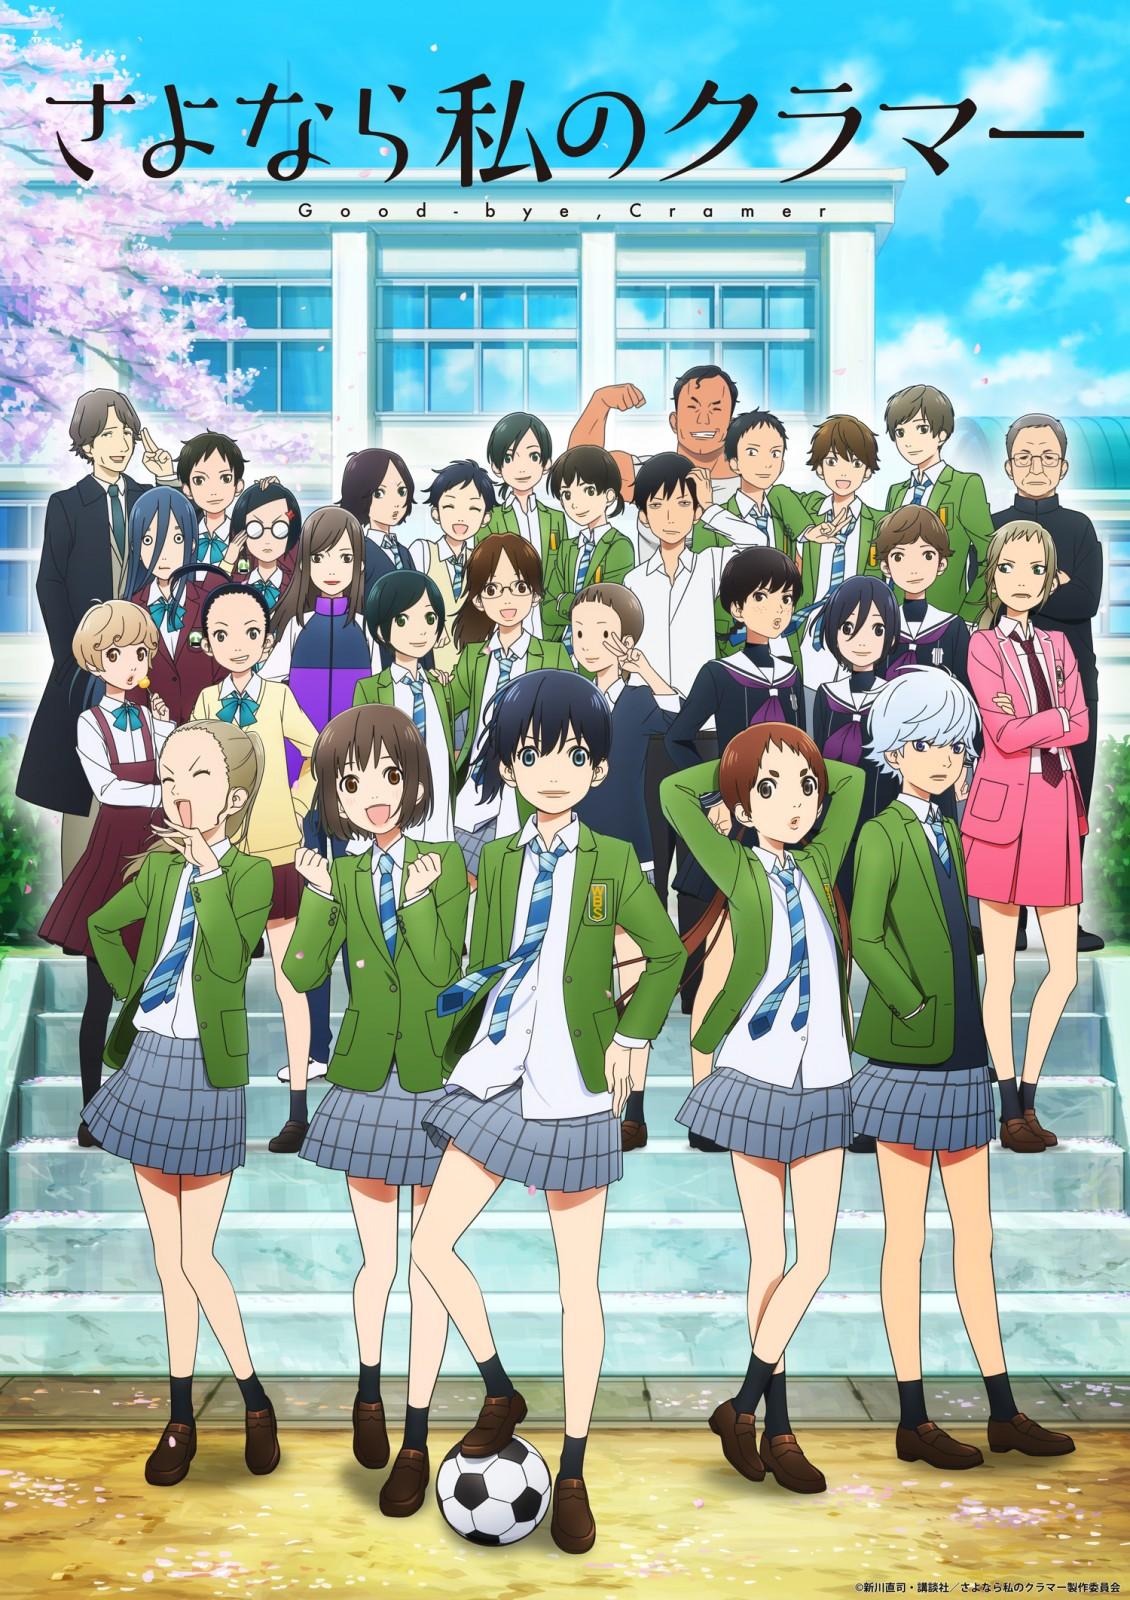 Sayonara Watashi no Cramer estrena anime y película en 2021 1